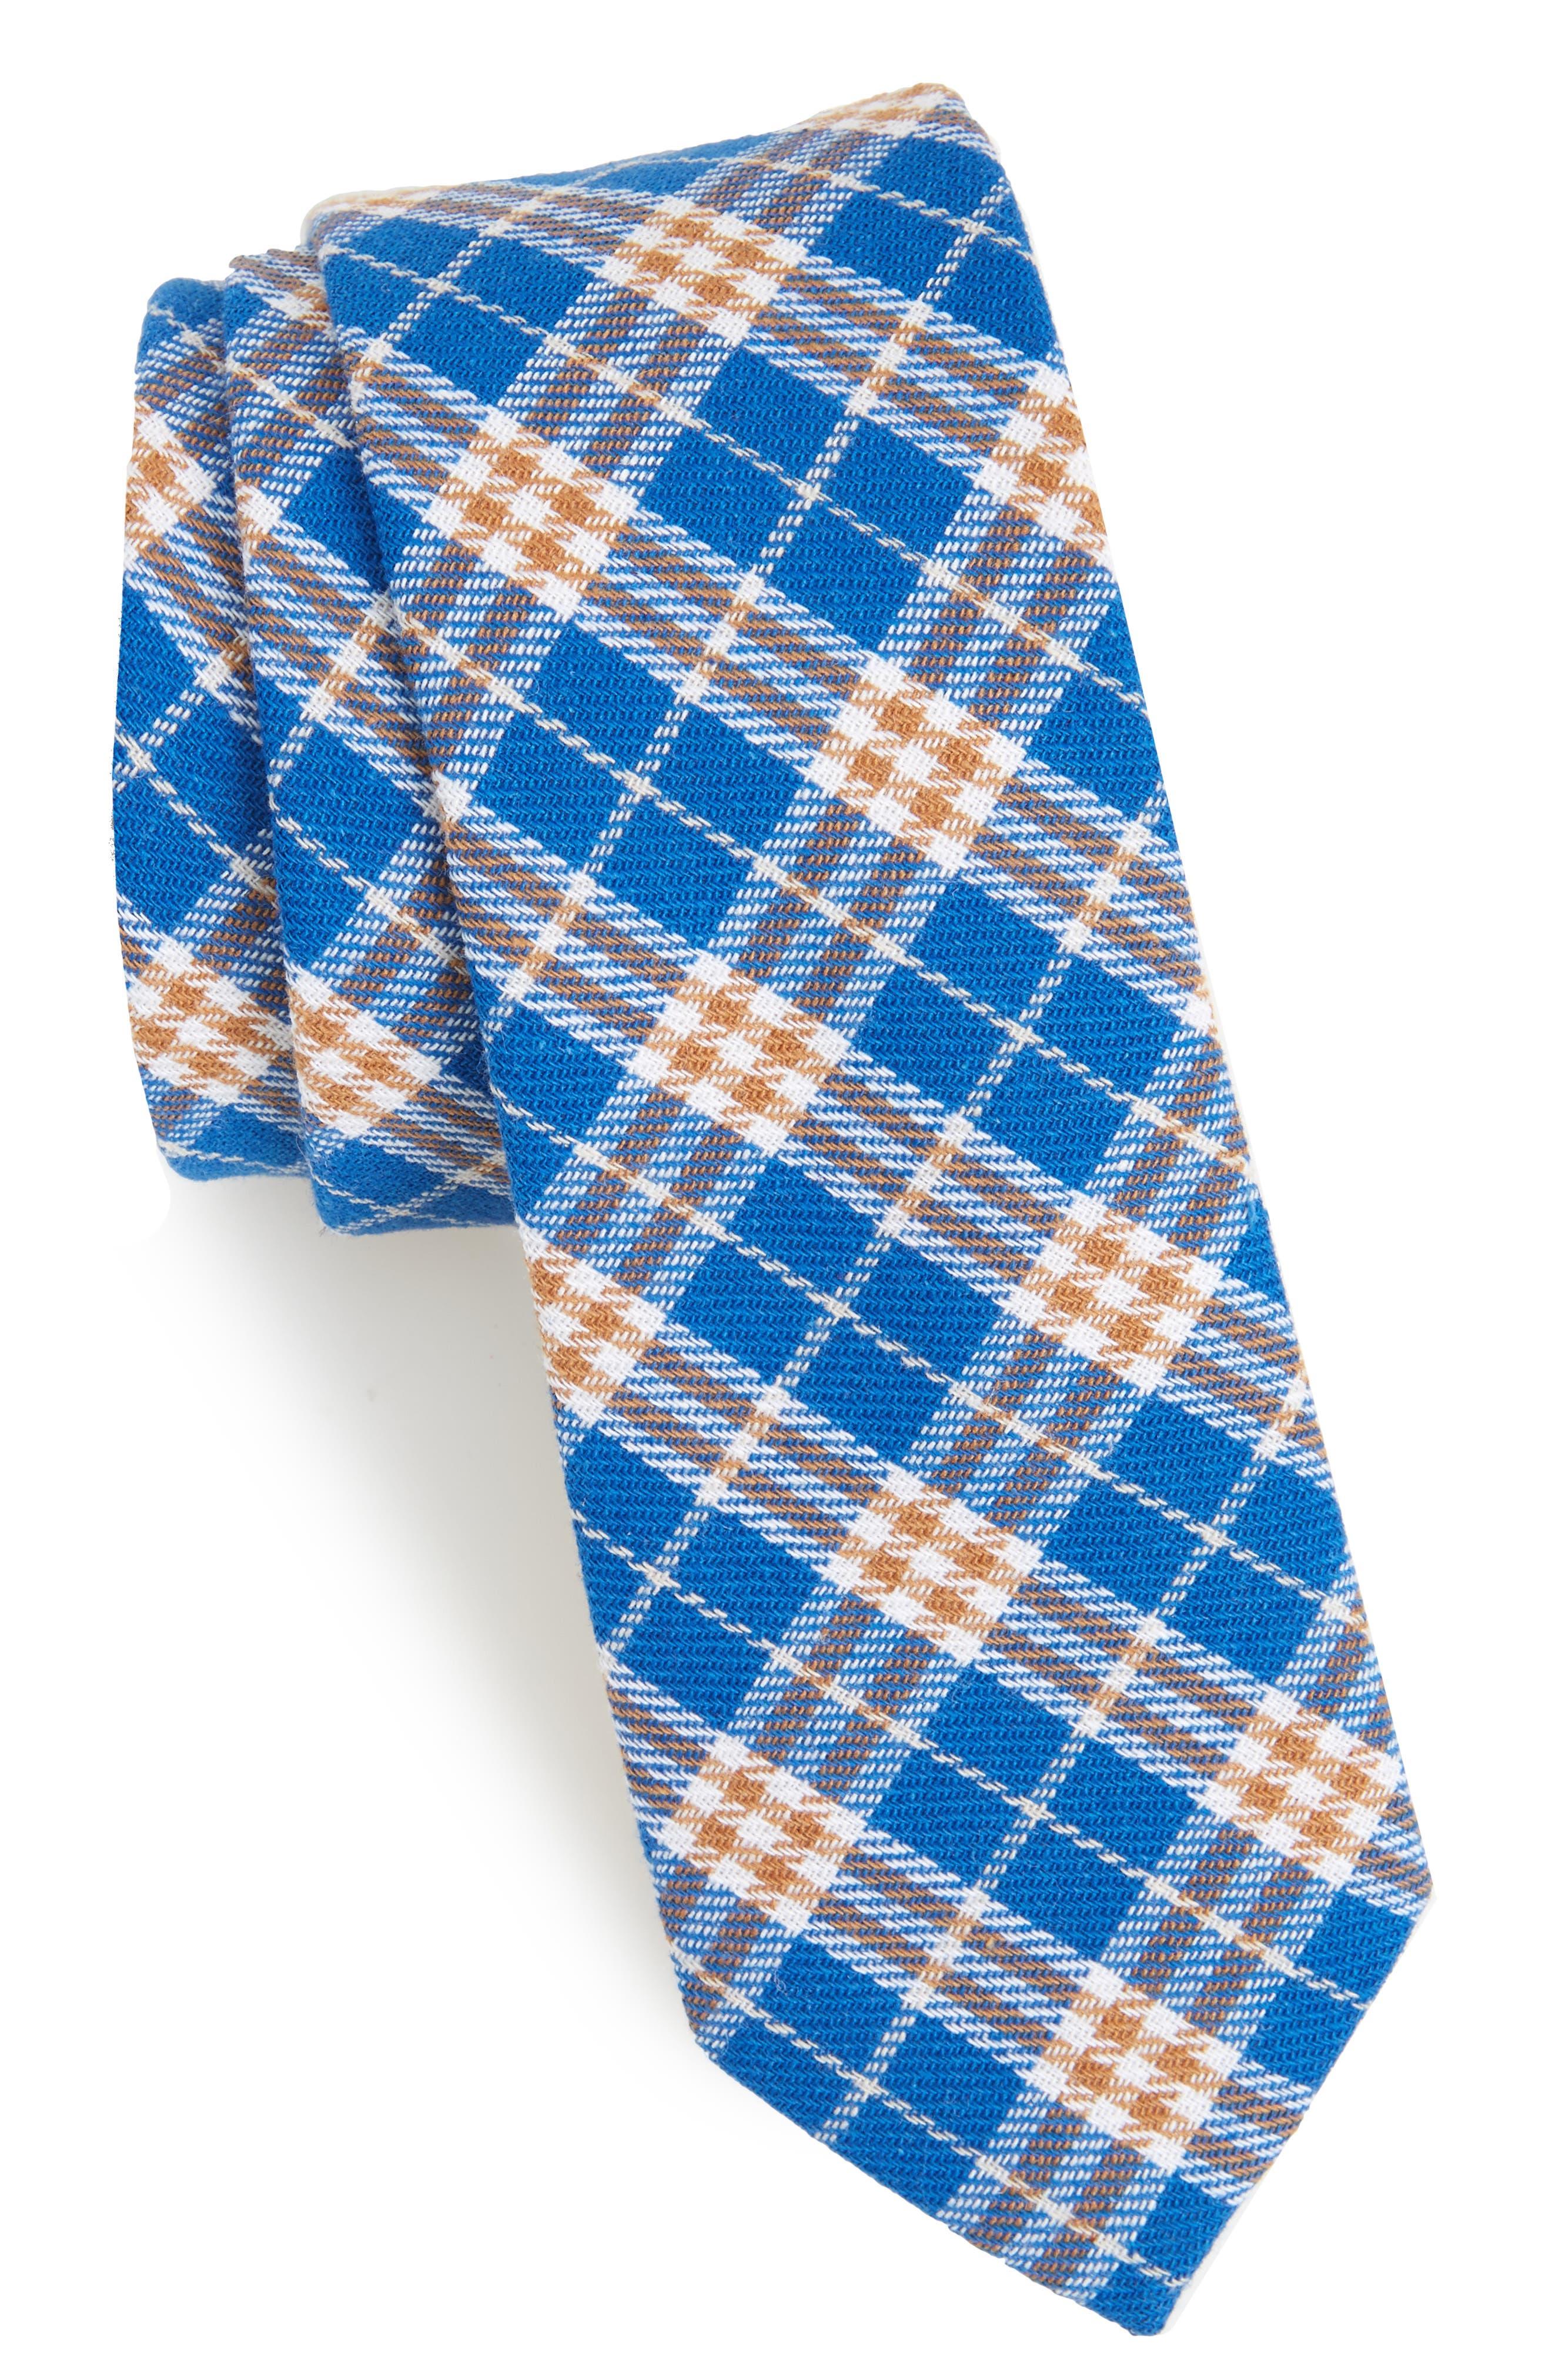 Siegel Plaid Cotton & Linen Skinny Tie,                             Main thumbnail 1, color,                             Blue